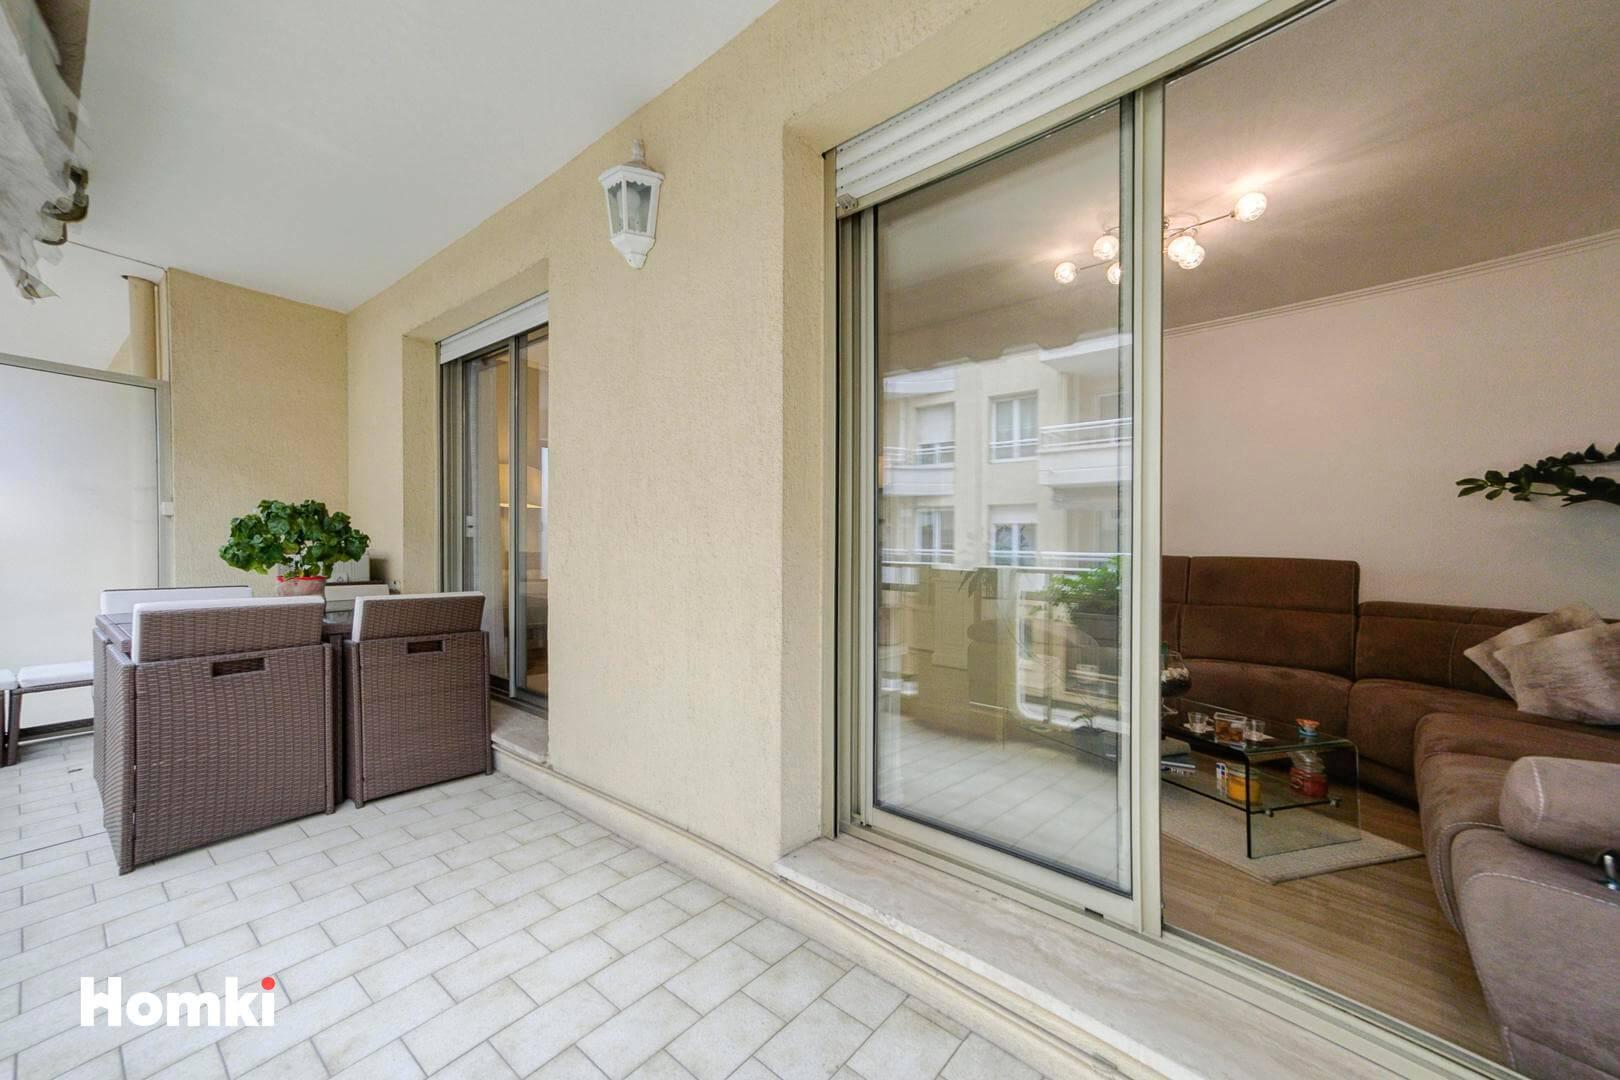 Homki - Vente Appartement  de 66.0 m² à Antibes 06600